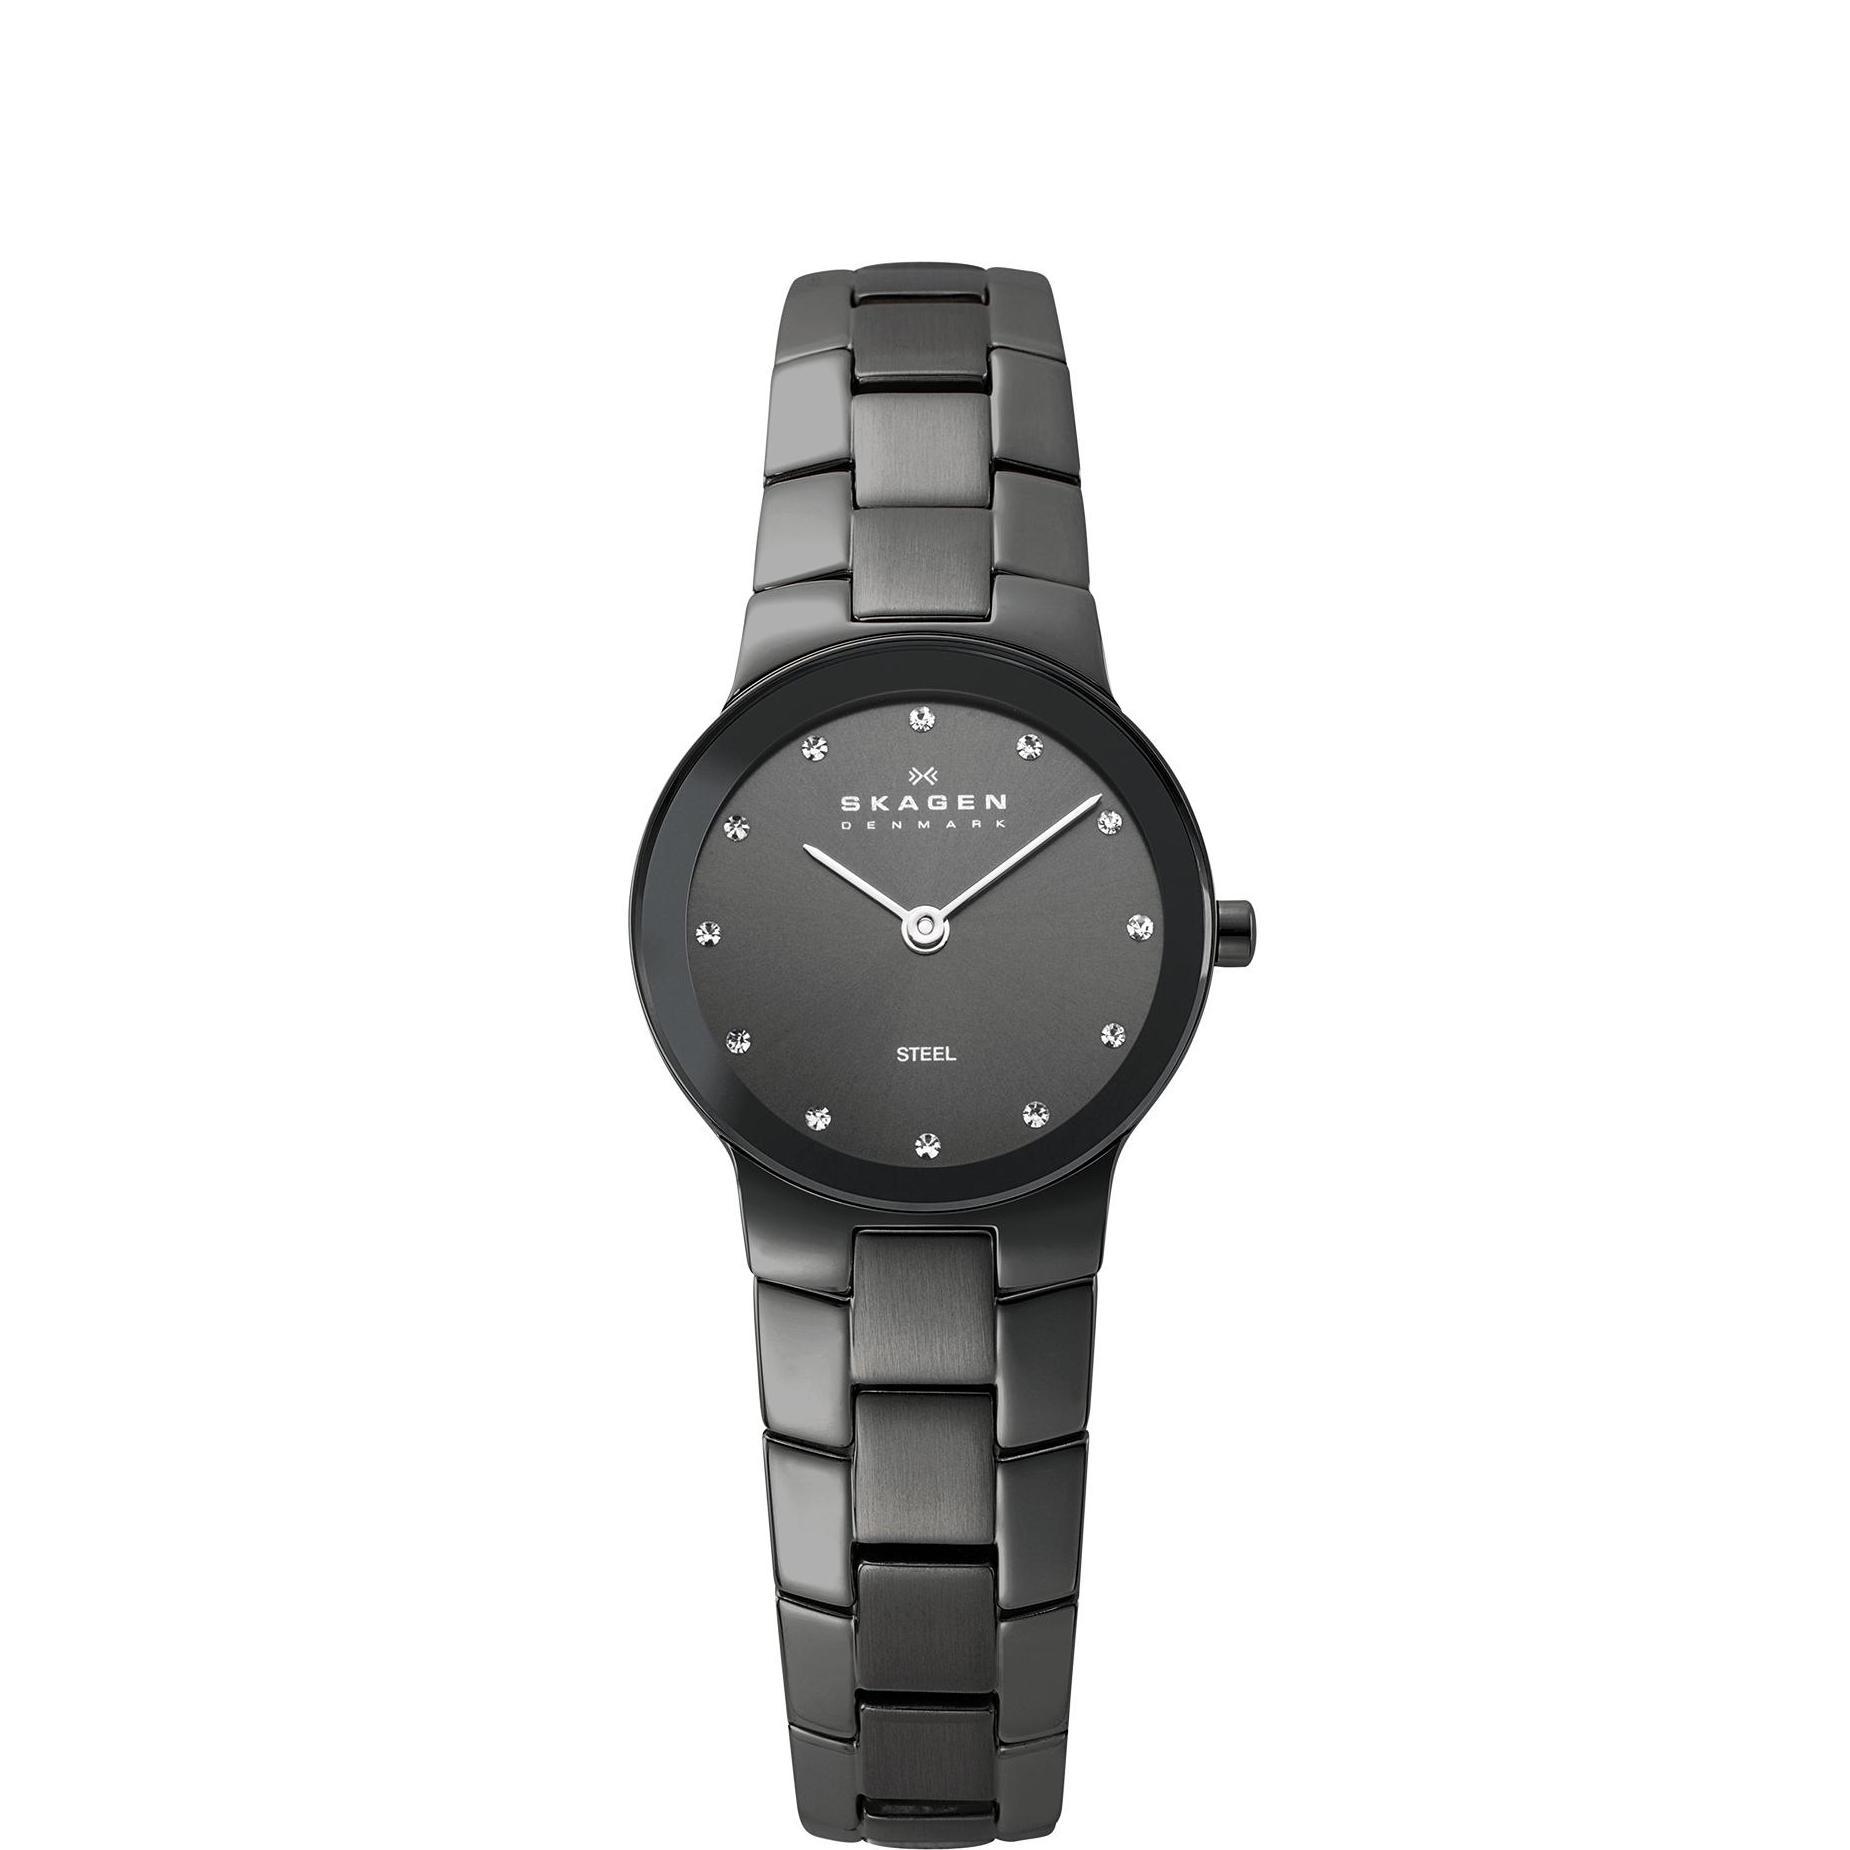 Skagen Women's Stainless Steel Charcoal Watch